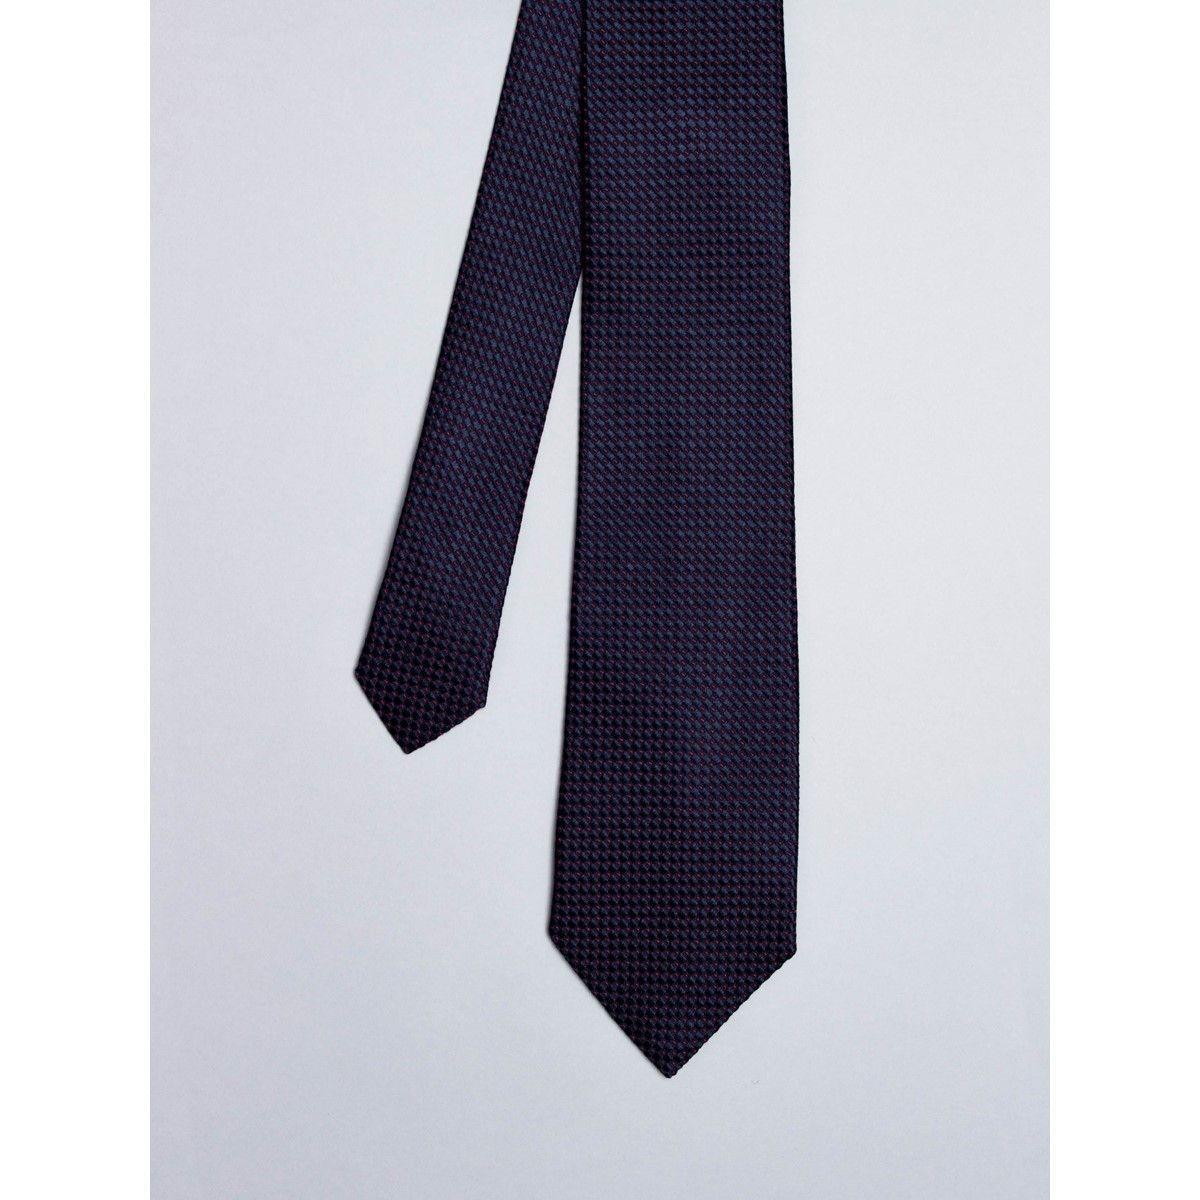 Cravate noire avec micro points